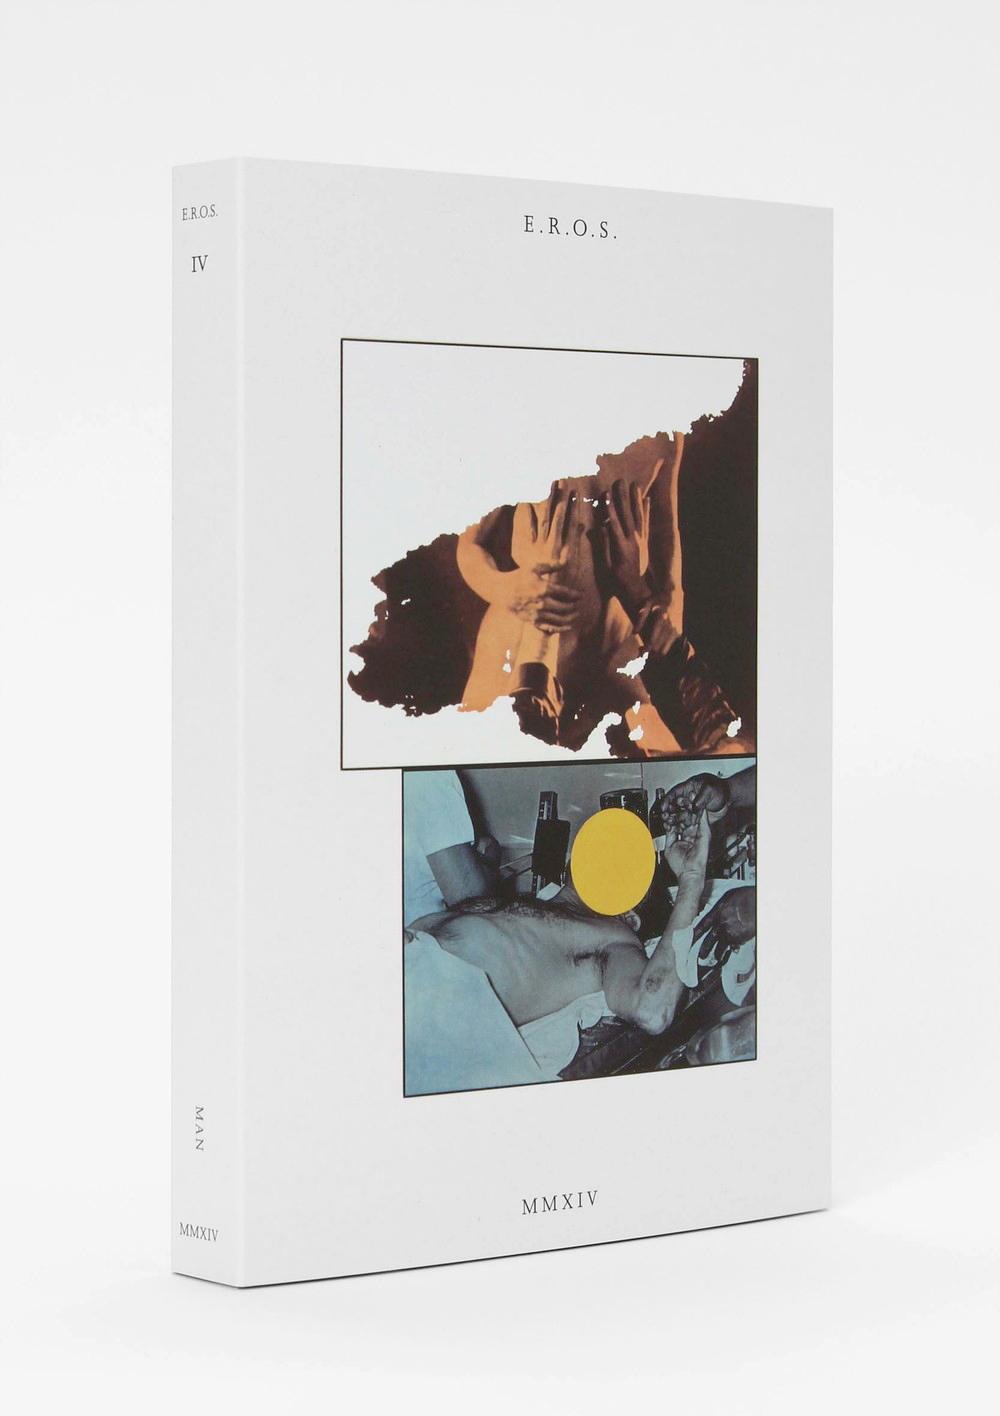 Cover Images by Rosemarie Trockel, John Baldessari